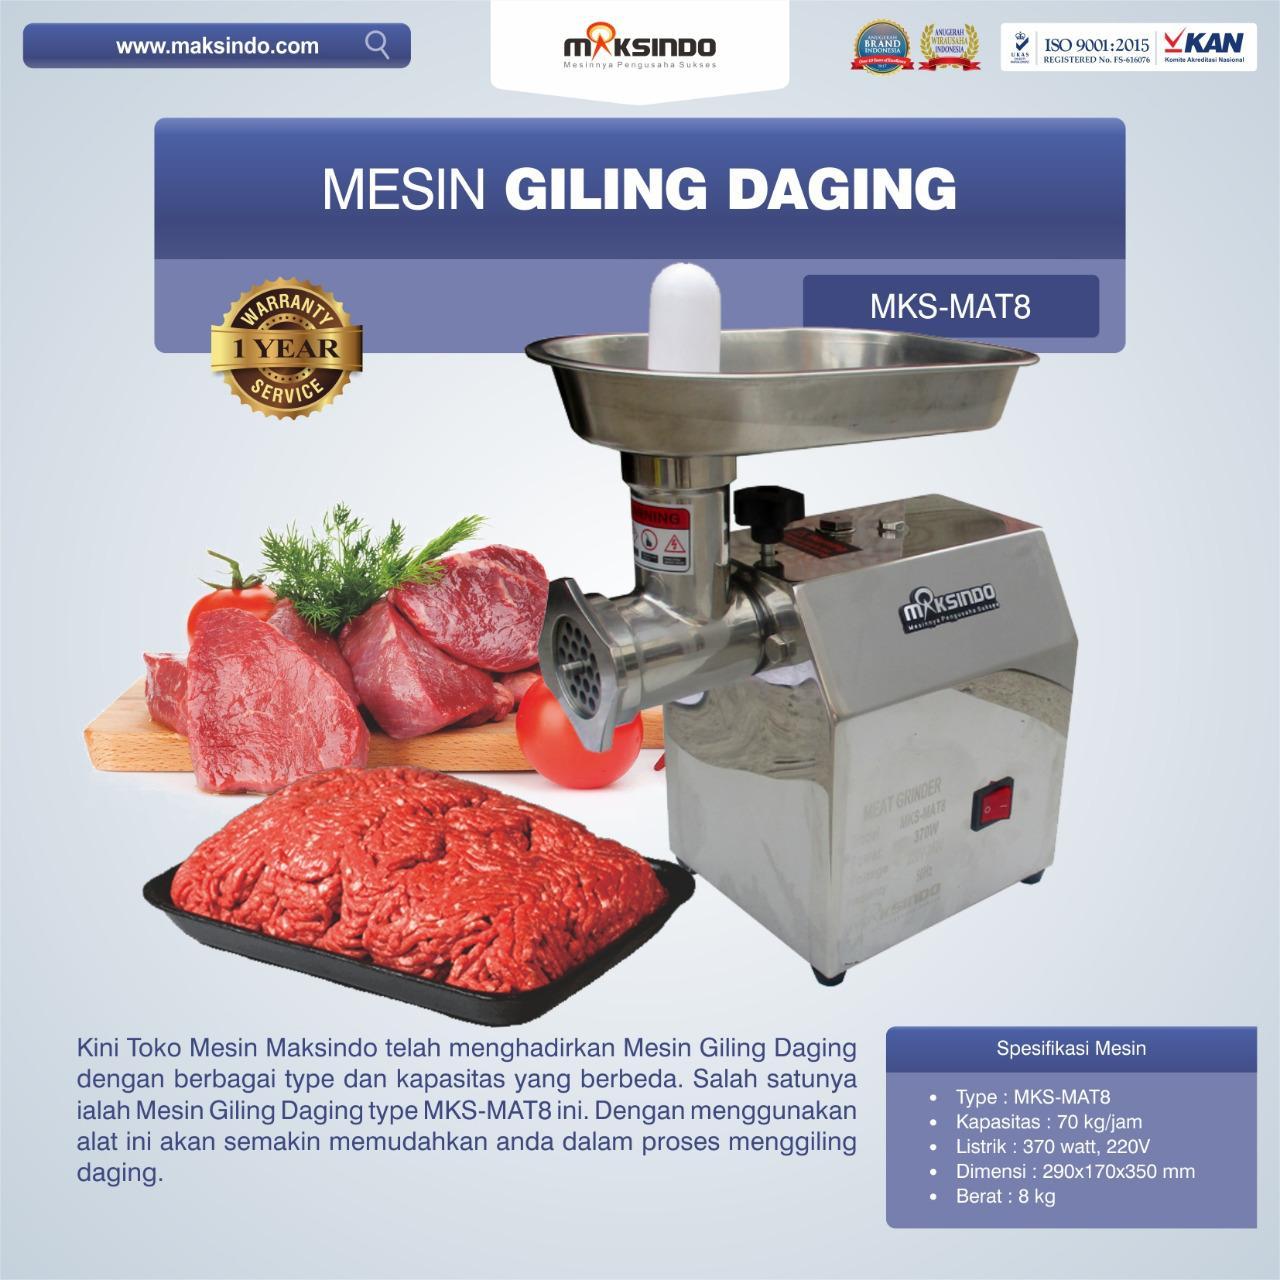 Jual Mesin Giling Daging MKS-MAT8 di Banjarmasin